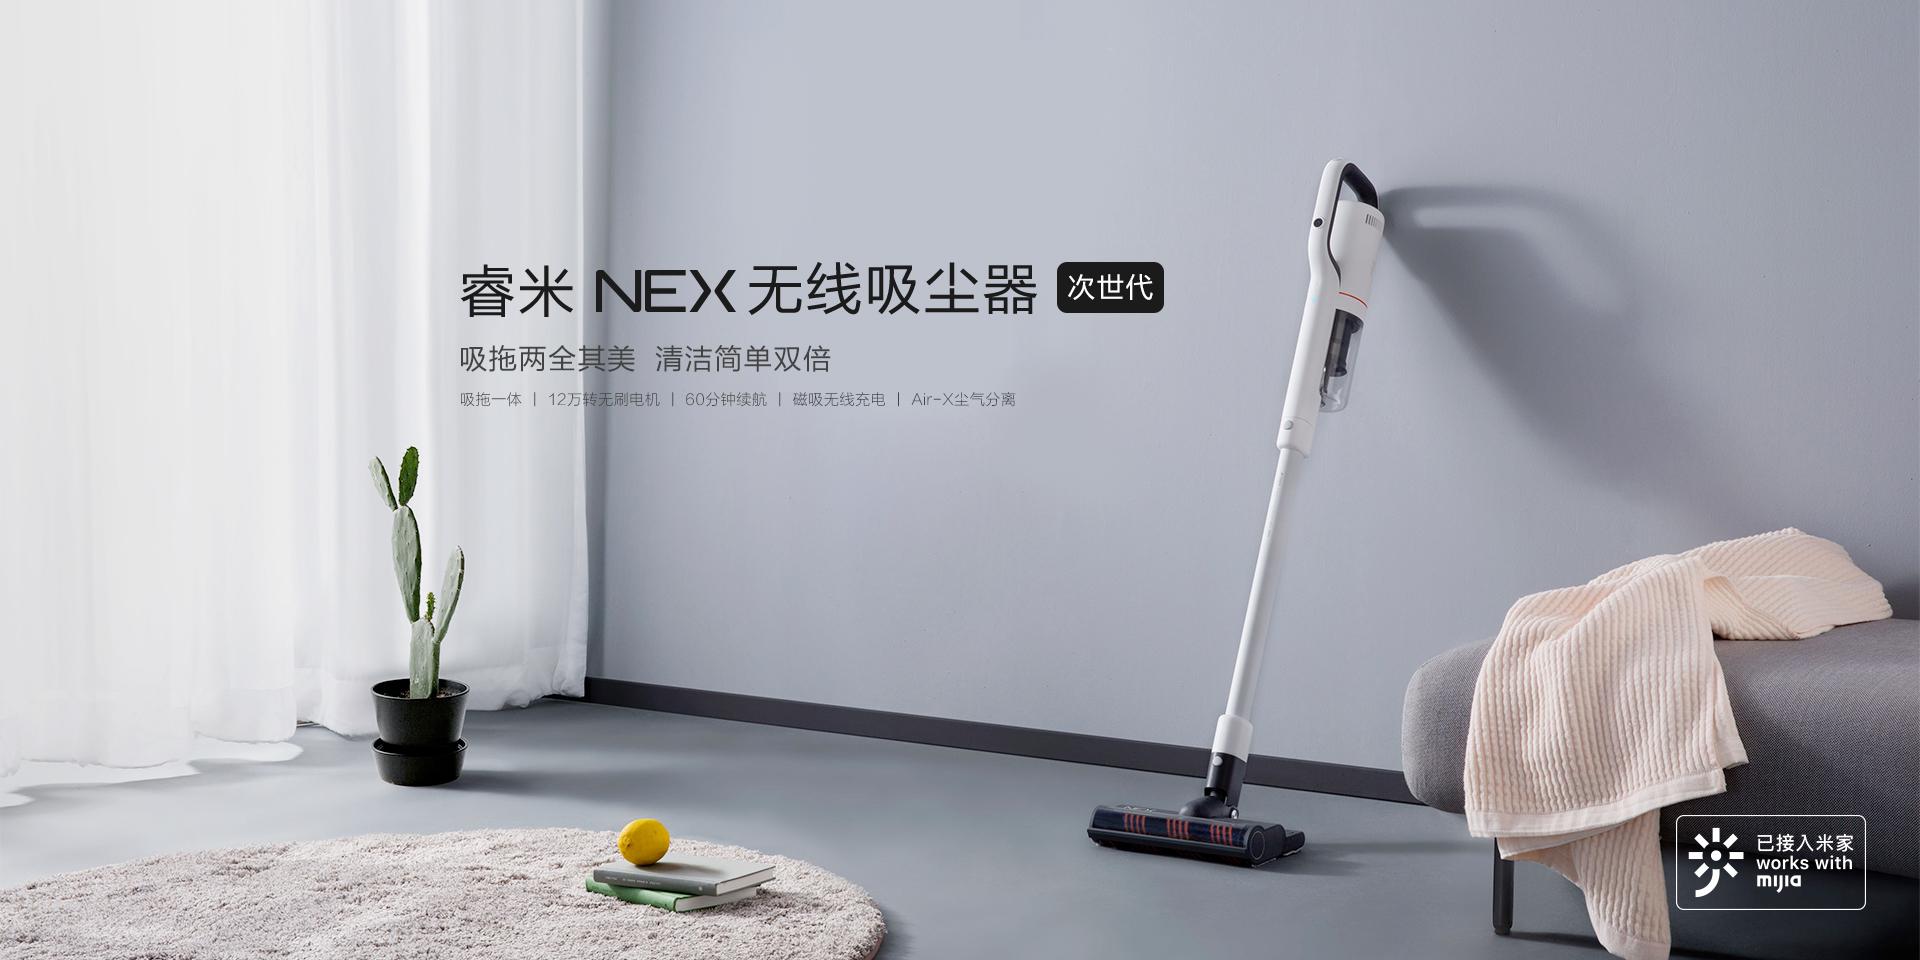 睿米NEX手持无线吸尘器中突出的优势之一就是吸拖一体的设计。睿米NEX无线吸尘器将拖把和吸尘器的功能结合到一起,很好的解决了打扫麻烦和反复打扫的情况,节约了我们的时间